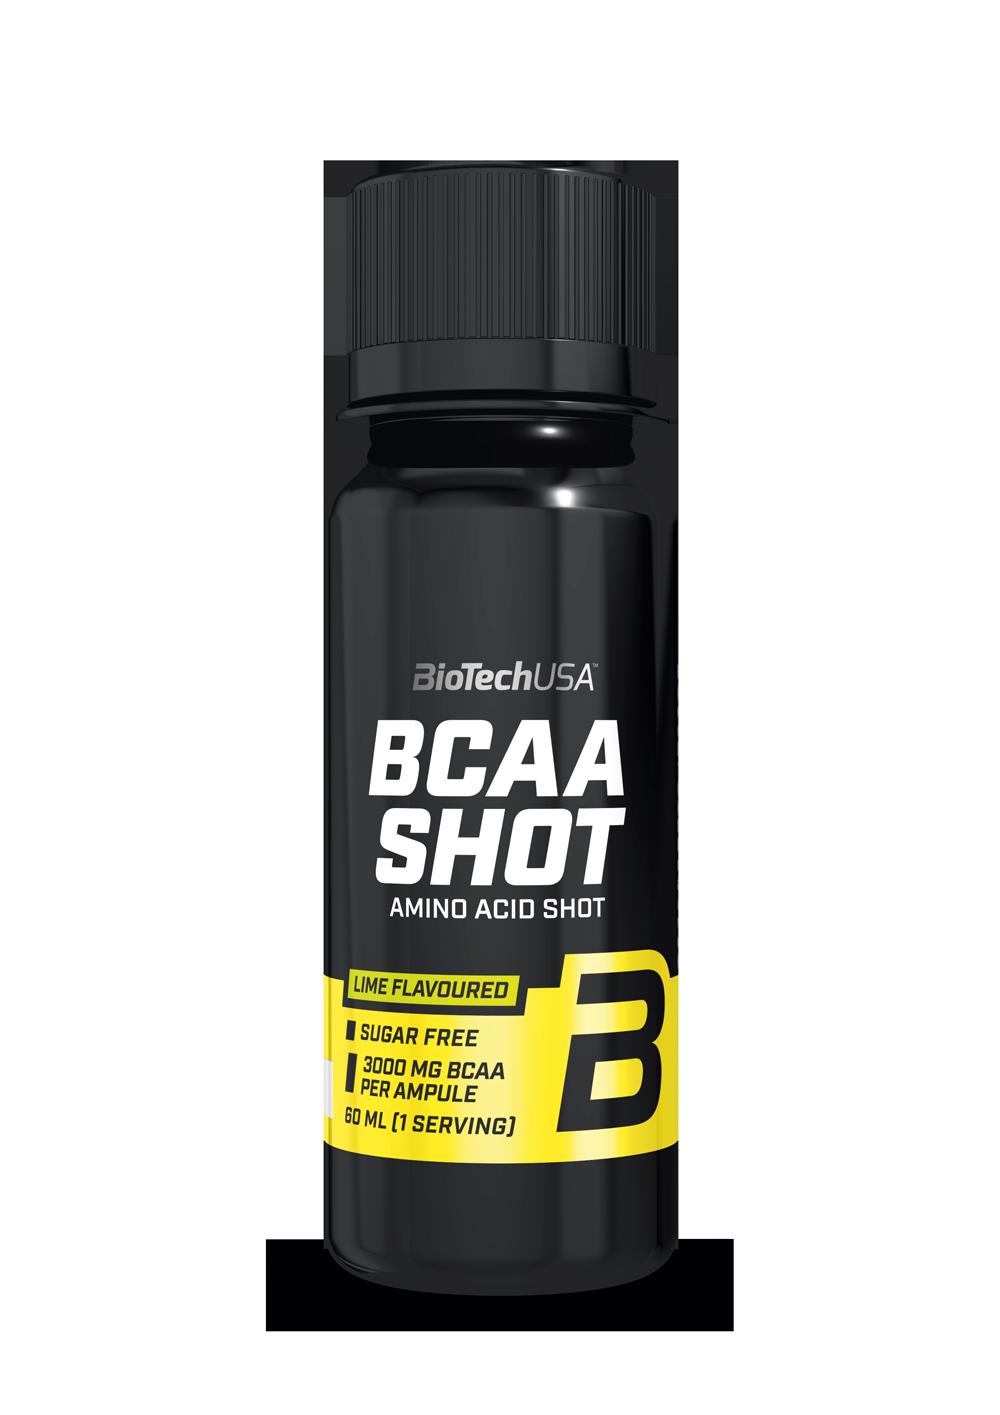 BioTech USA BCAA Shot 60 ml